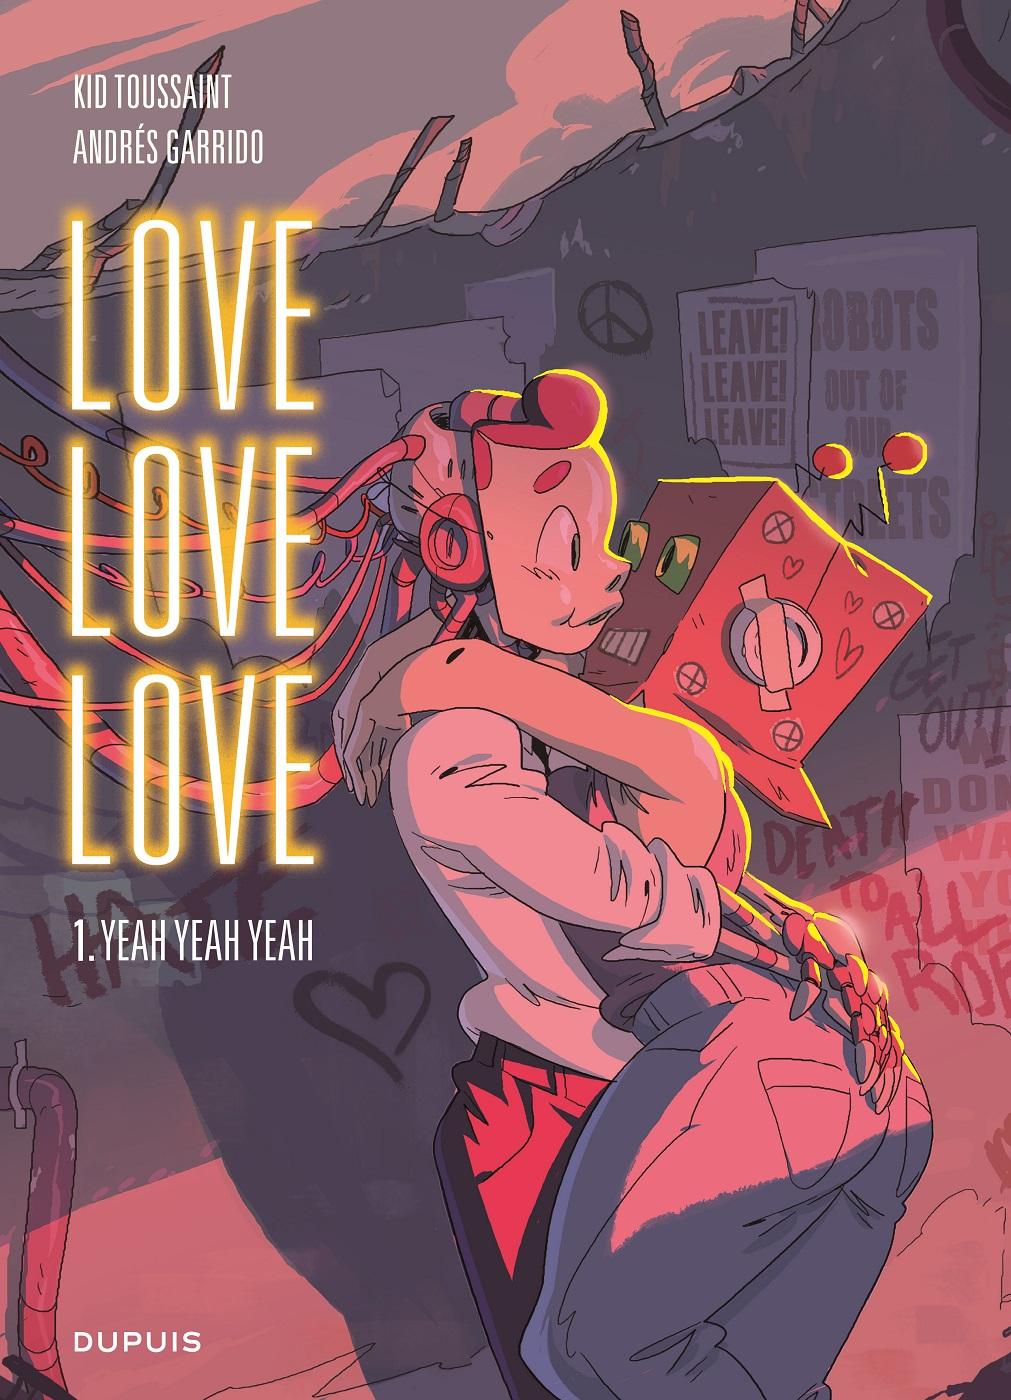 CV1_LOVE LOVE LOVE_01